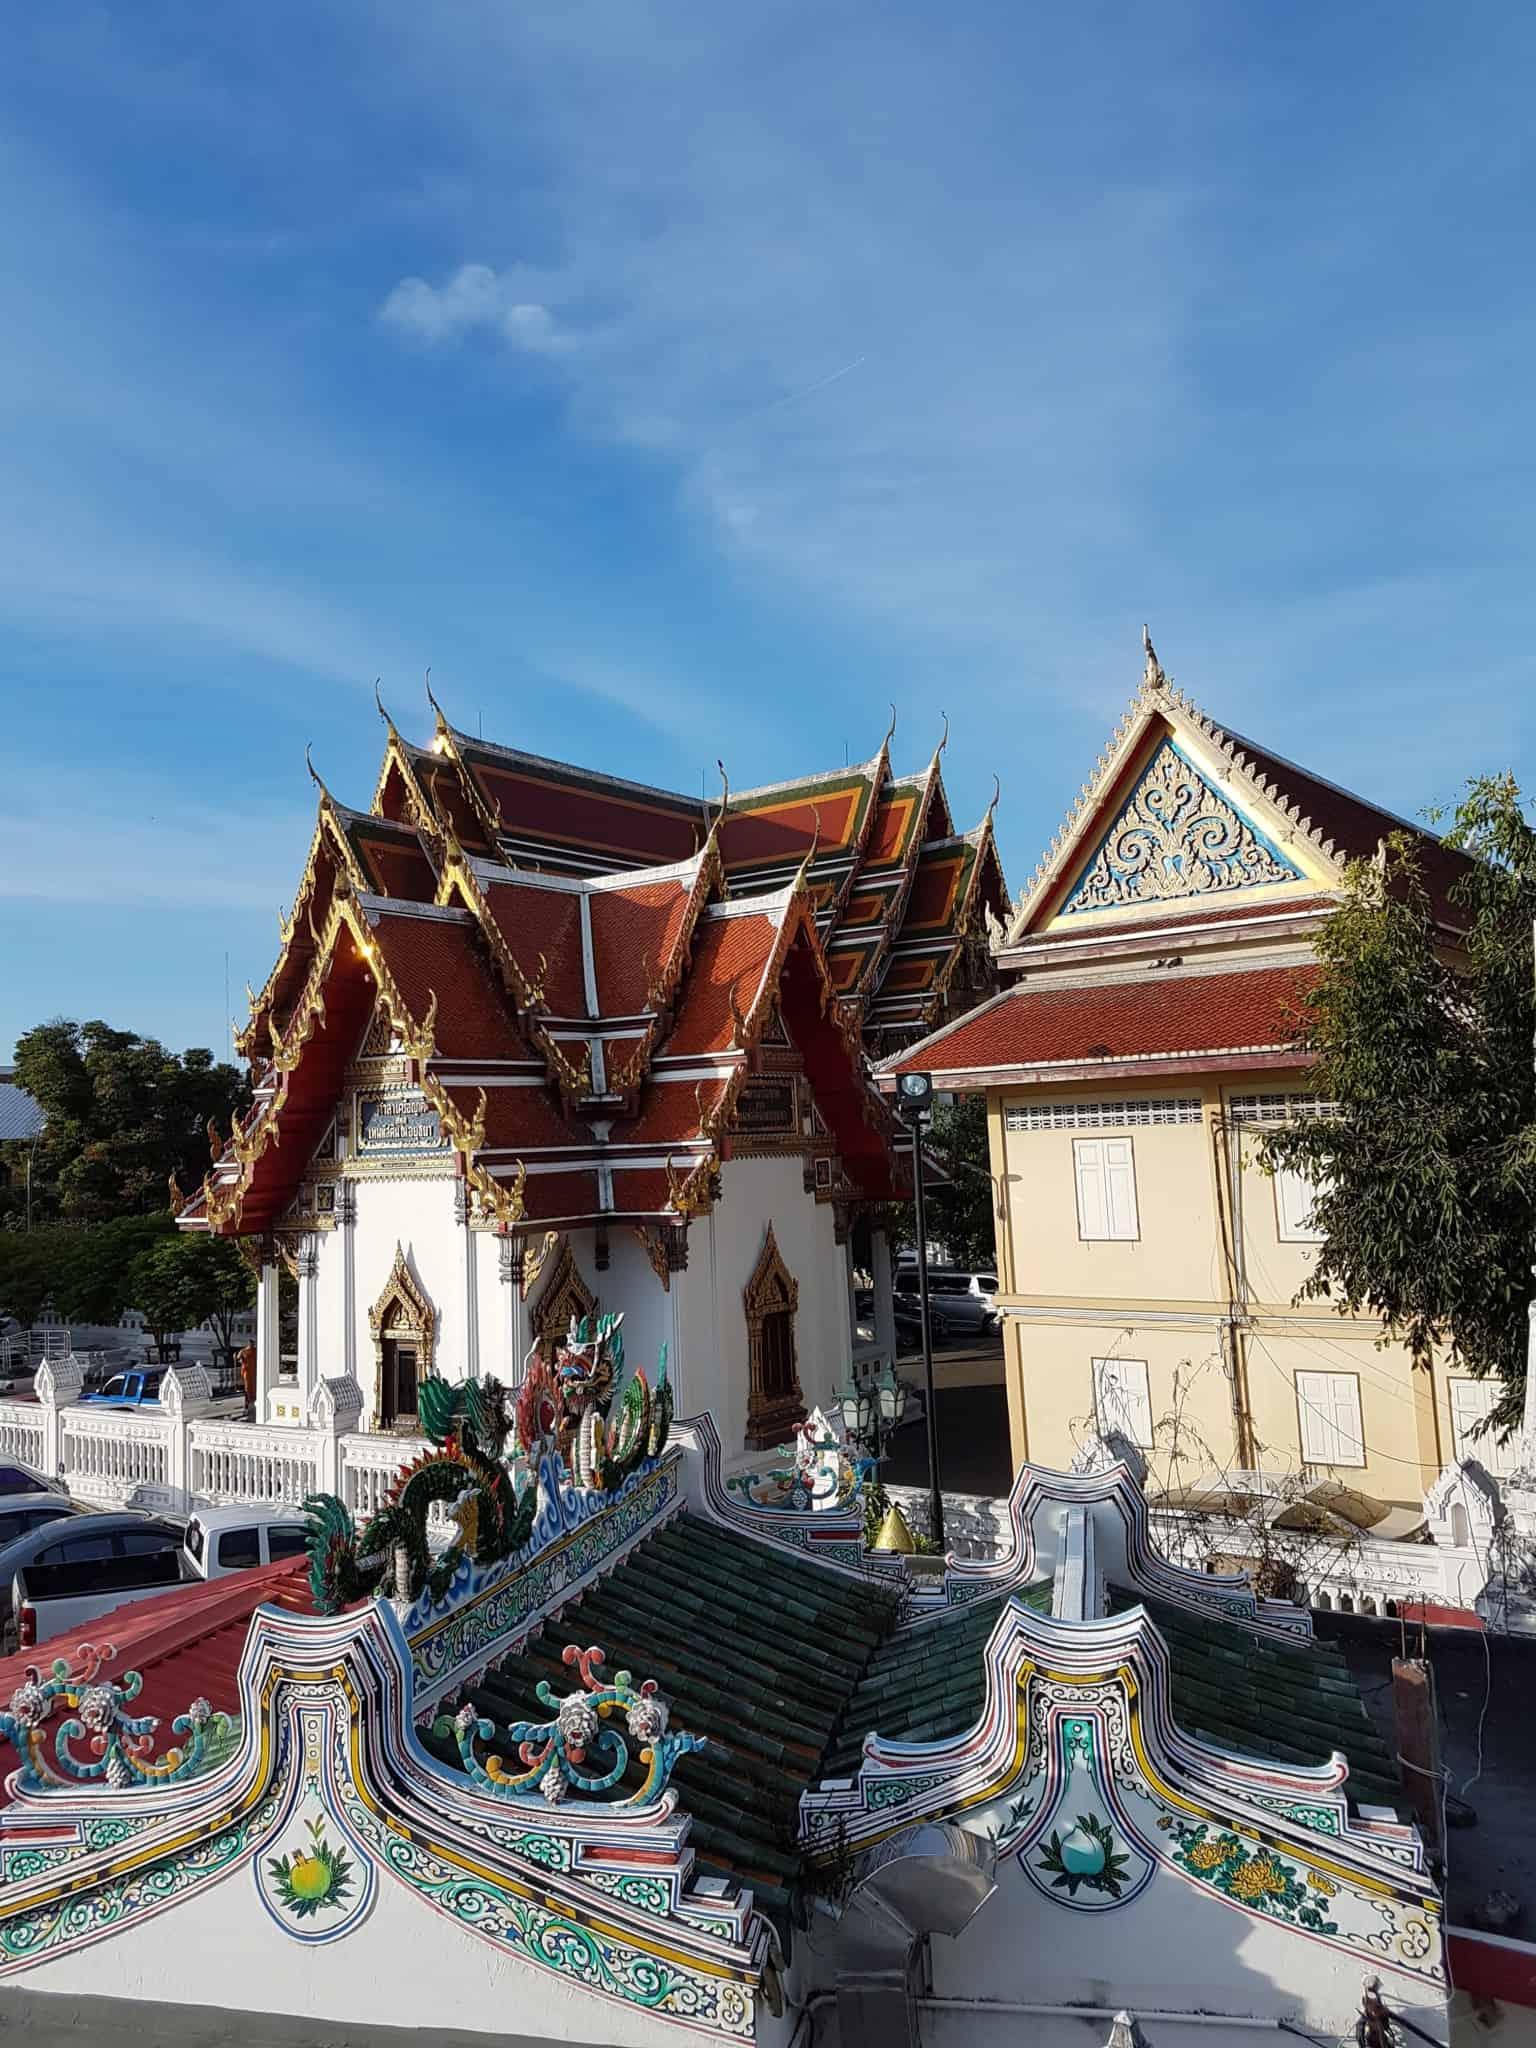 Thaïlande, marché aux fleurs et quartier Chinois de Bangkok 🎎 17